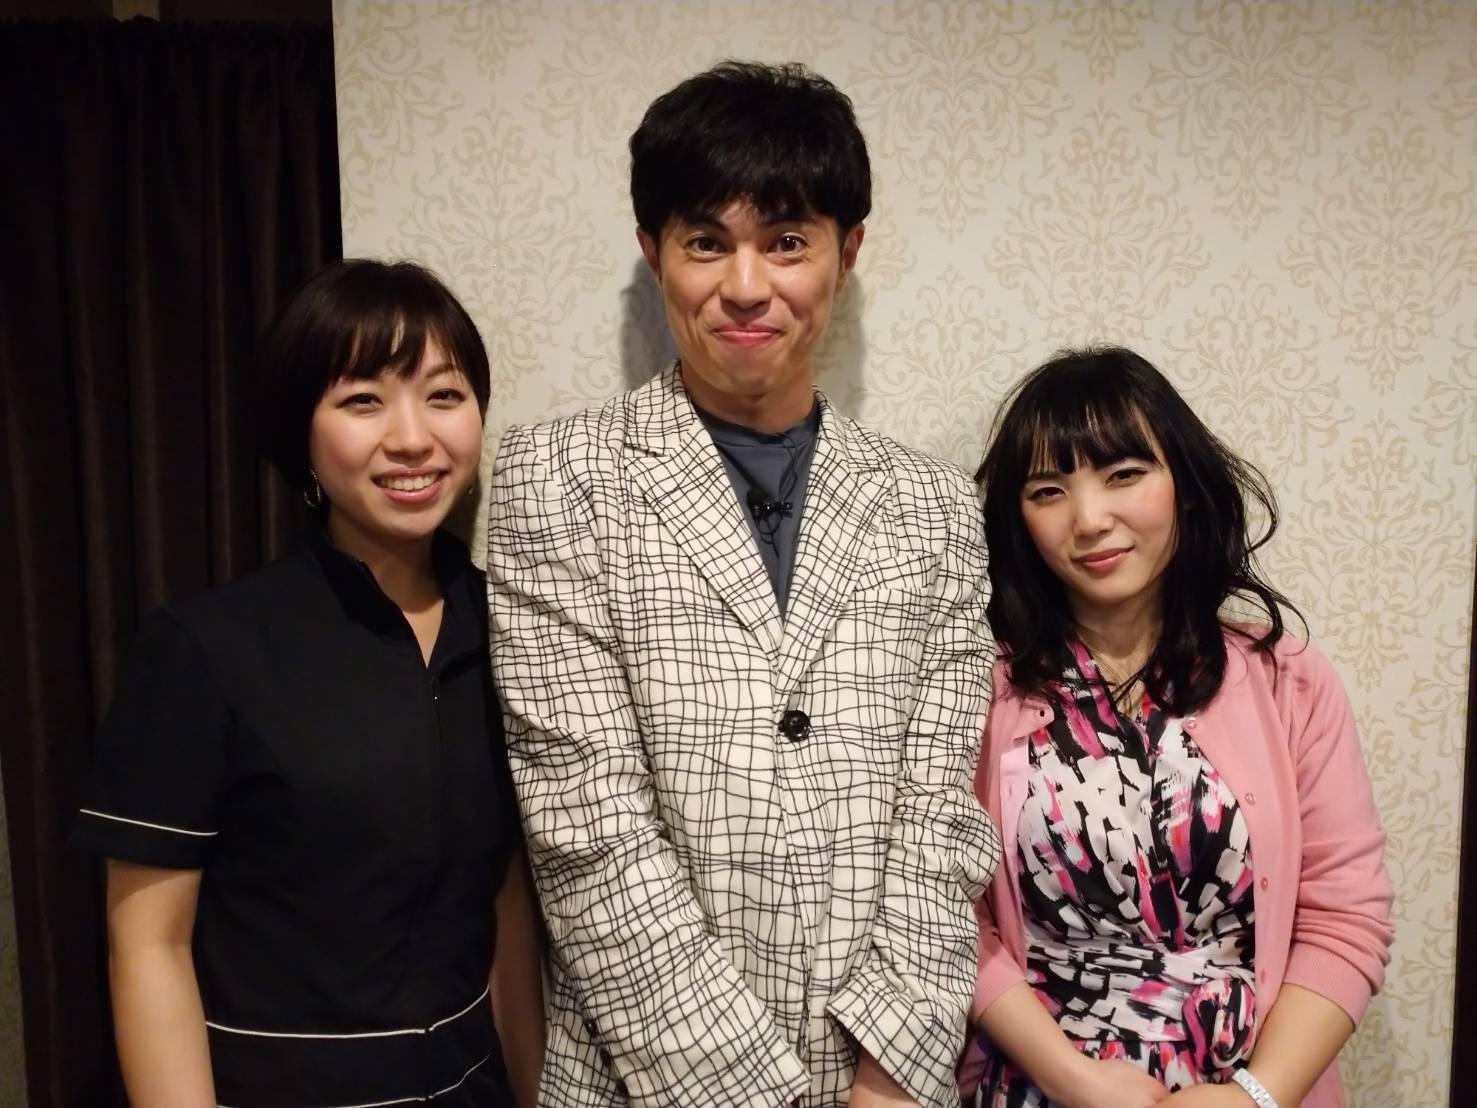 東京ベイネットワークのTV番組『小島よしおの社長と呑みTV』に取材されました。(2020年4月放送)